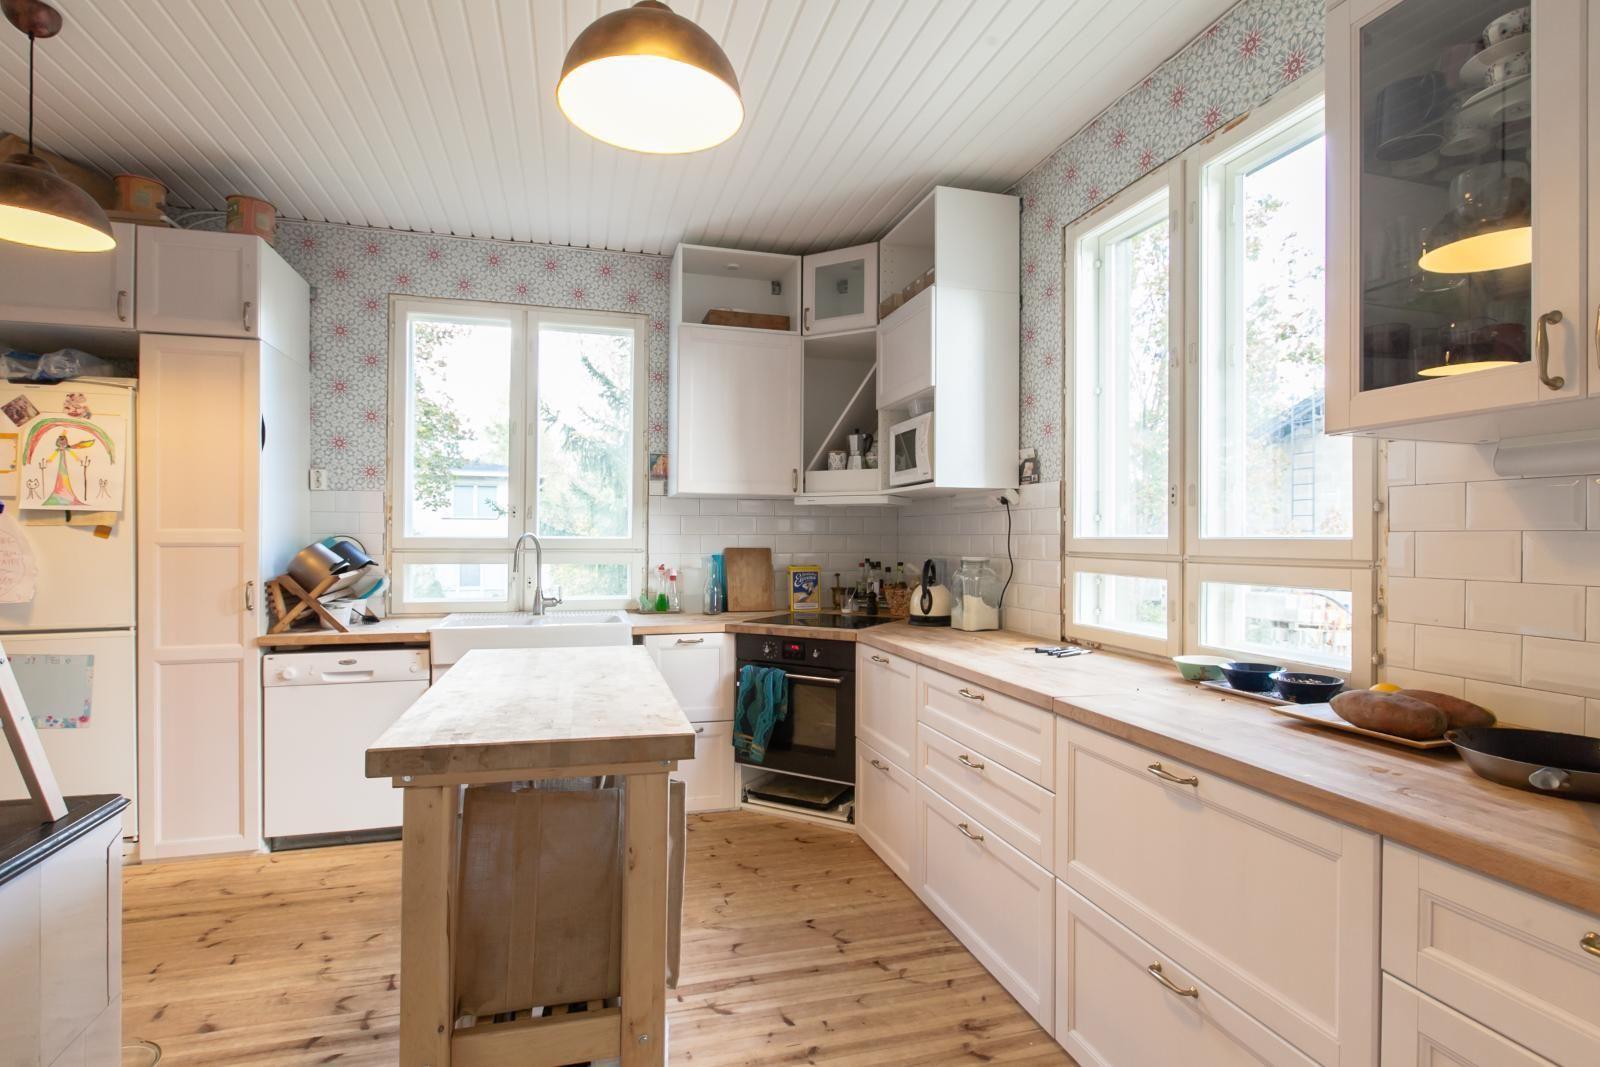 Myydään Omakotitalo 4 huonetta - Helsinki Puistola Laaksotie 7 - Etuovi.com 9816829